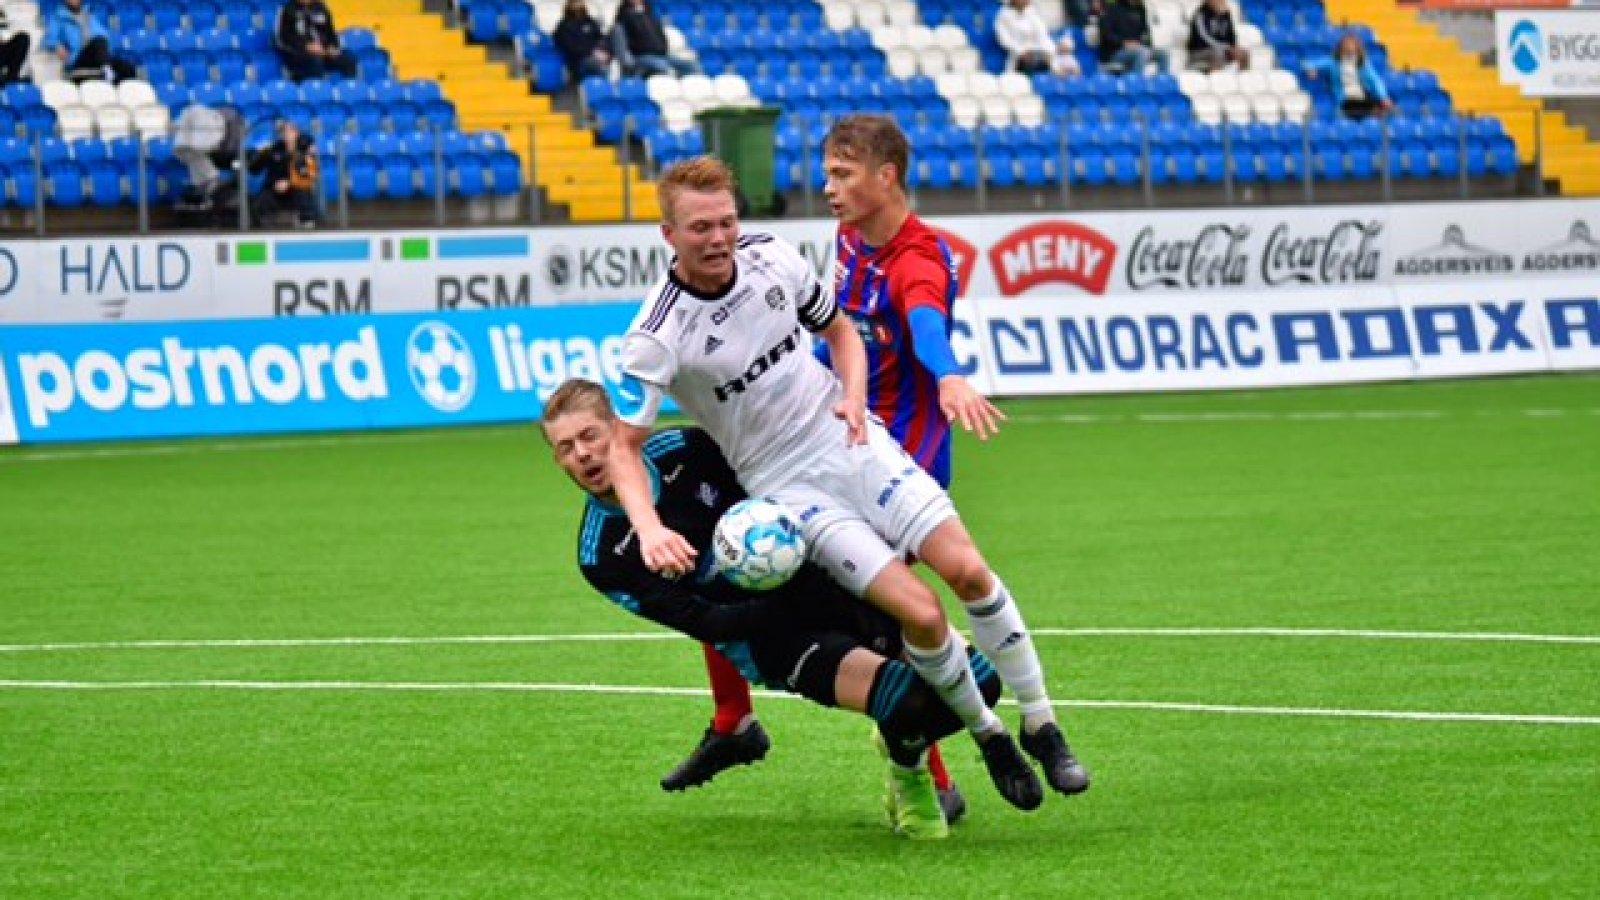 Fabian Stensrud Ness kriger inn 2-0 rett før pause.